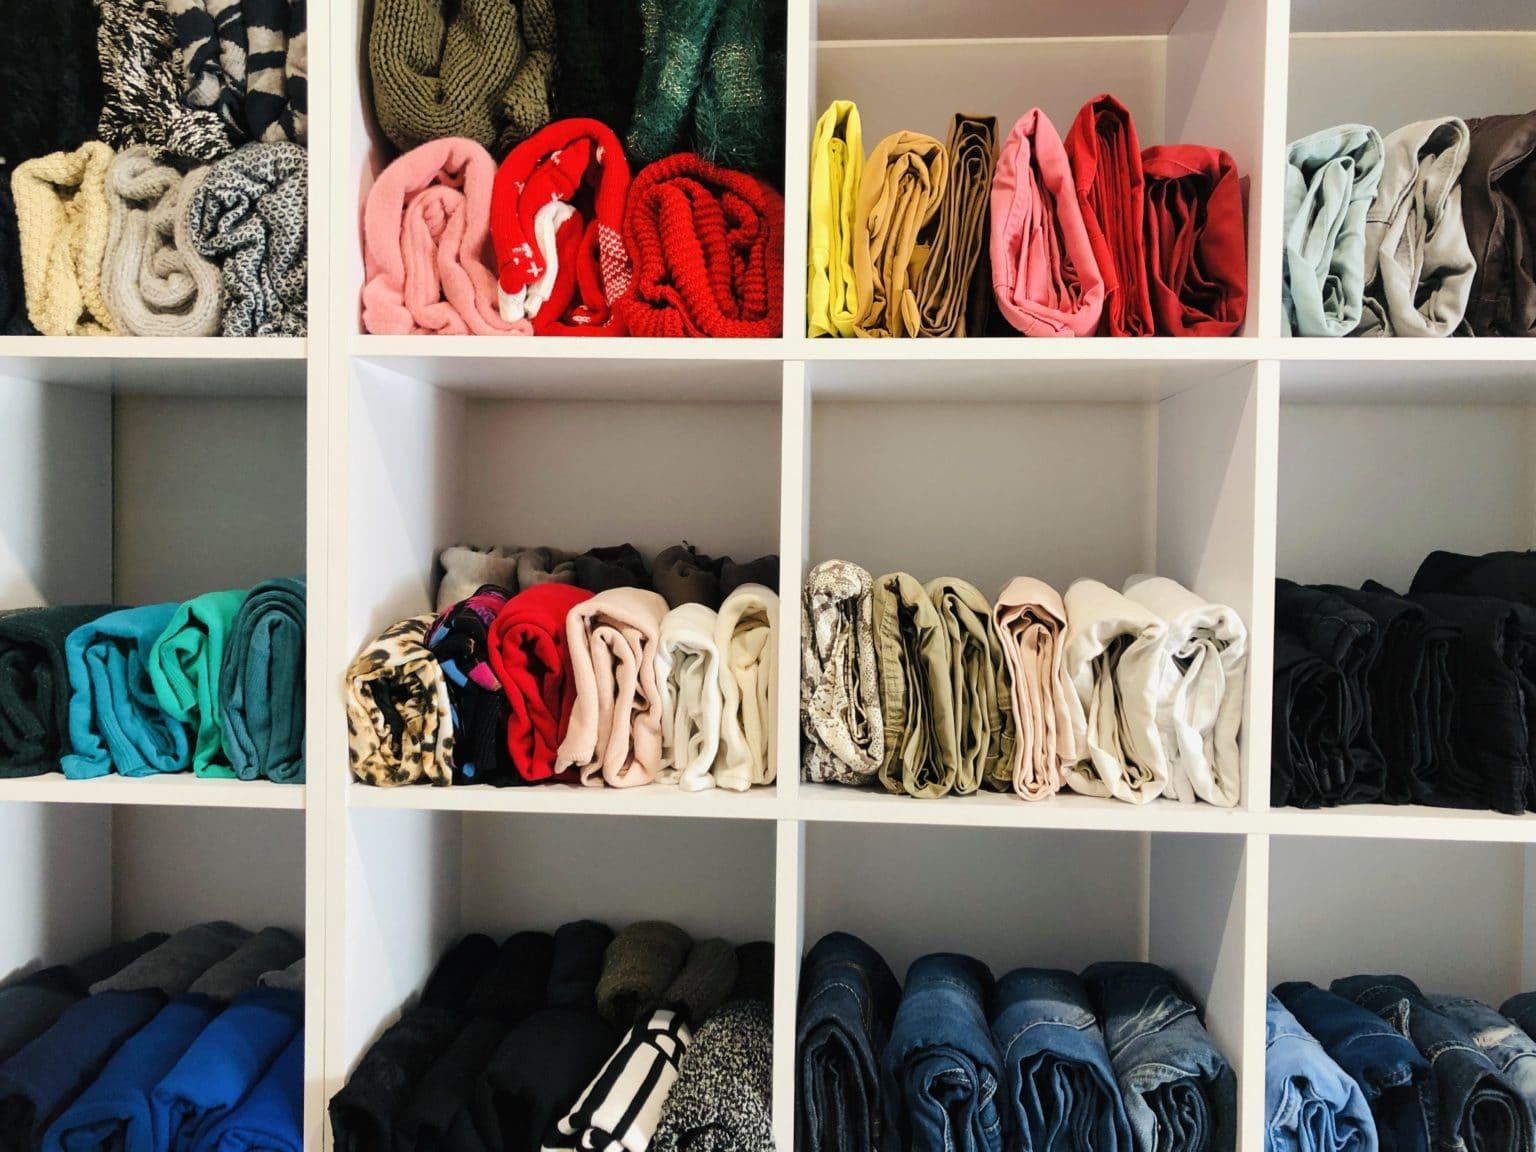 Vêtements pliés à la verticale